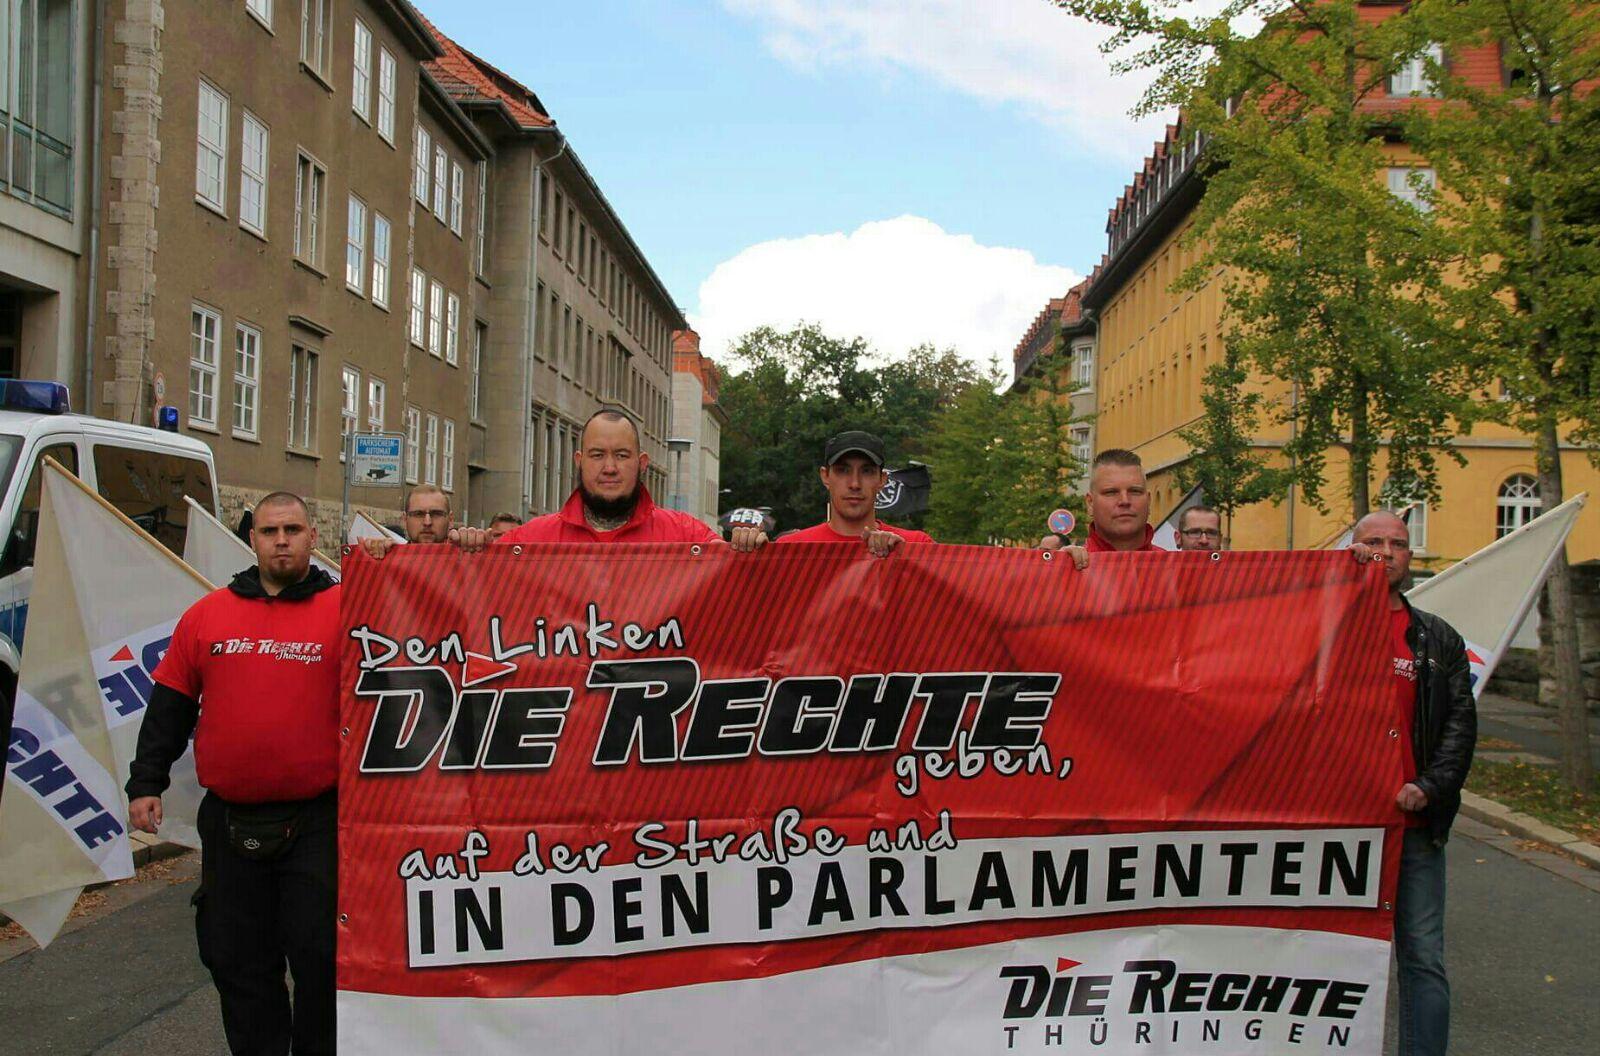 Reconquista oder Untergang: Demonstration am 02.10. in Weimar